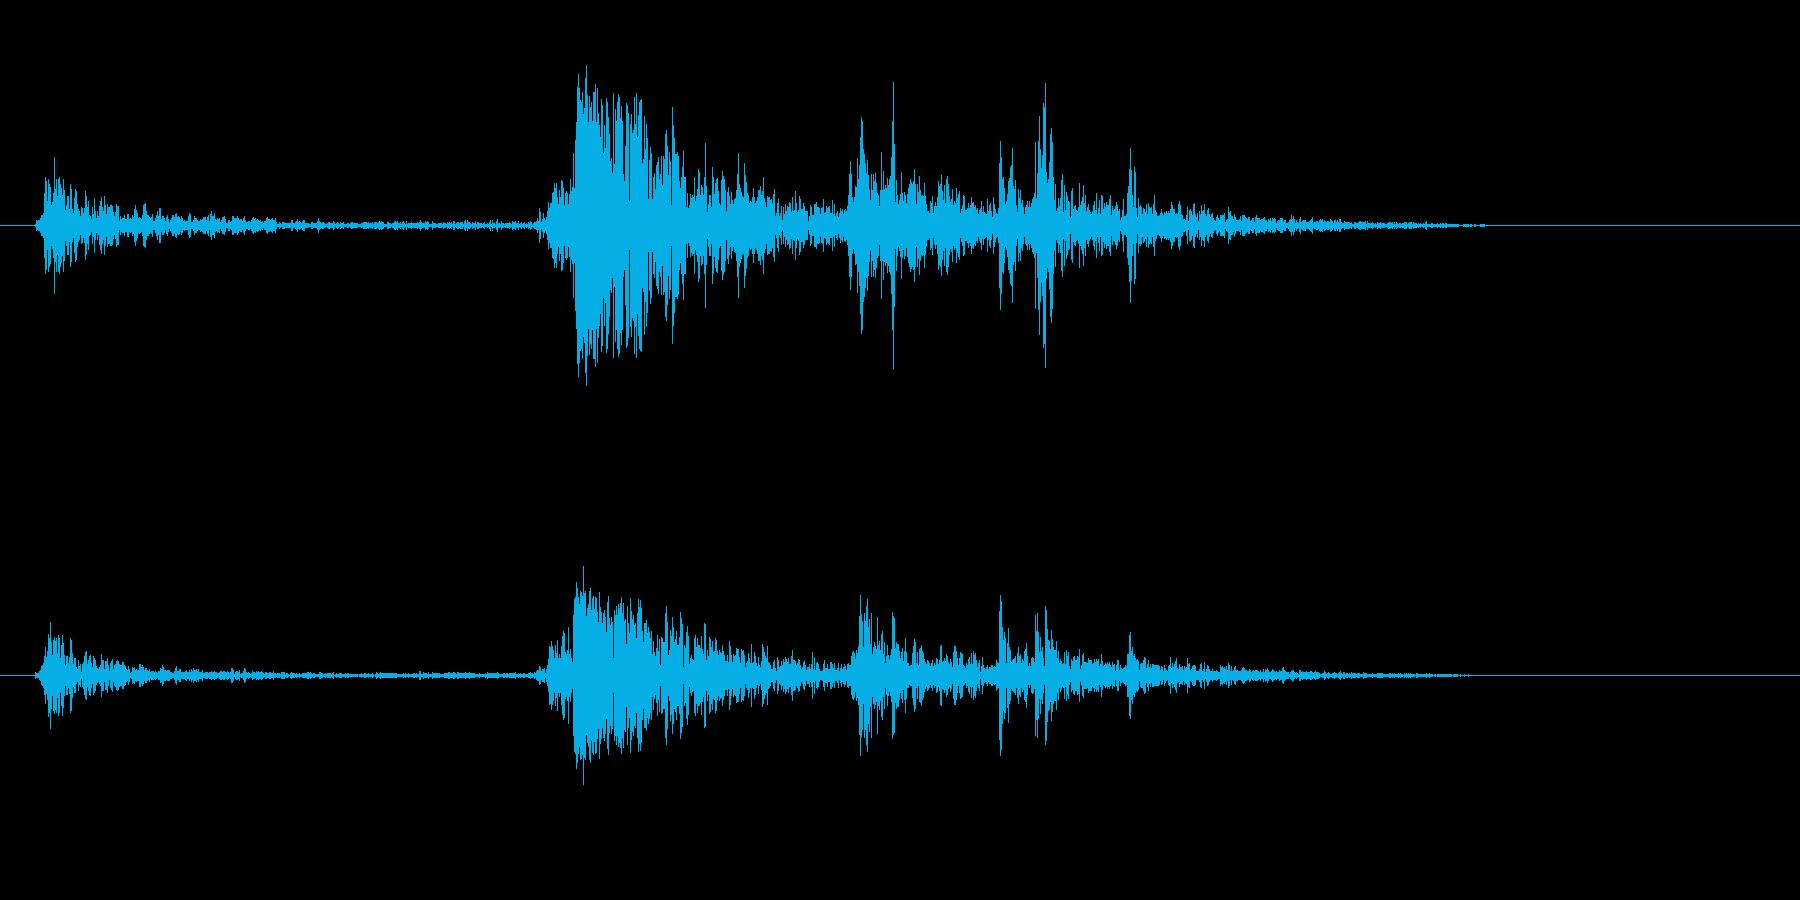 カチャッという高い音の効果音の再生済みの波形